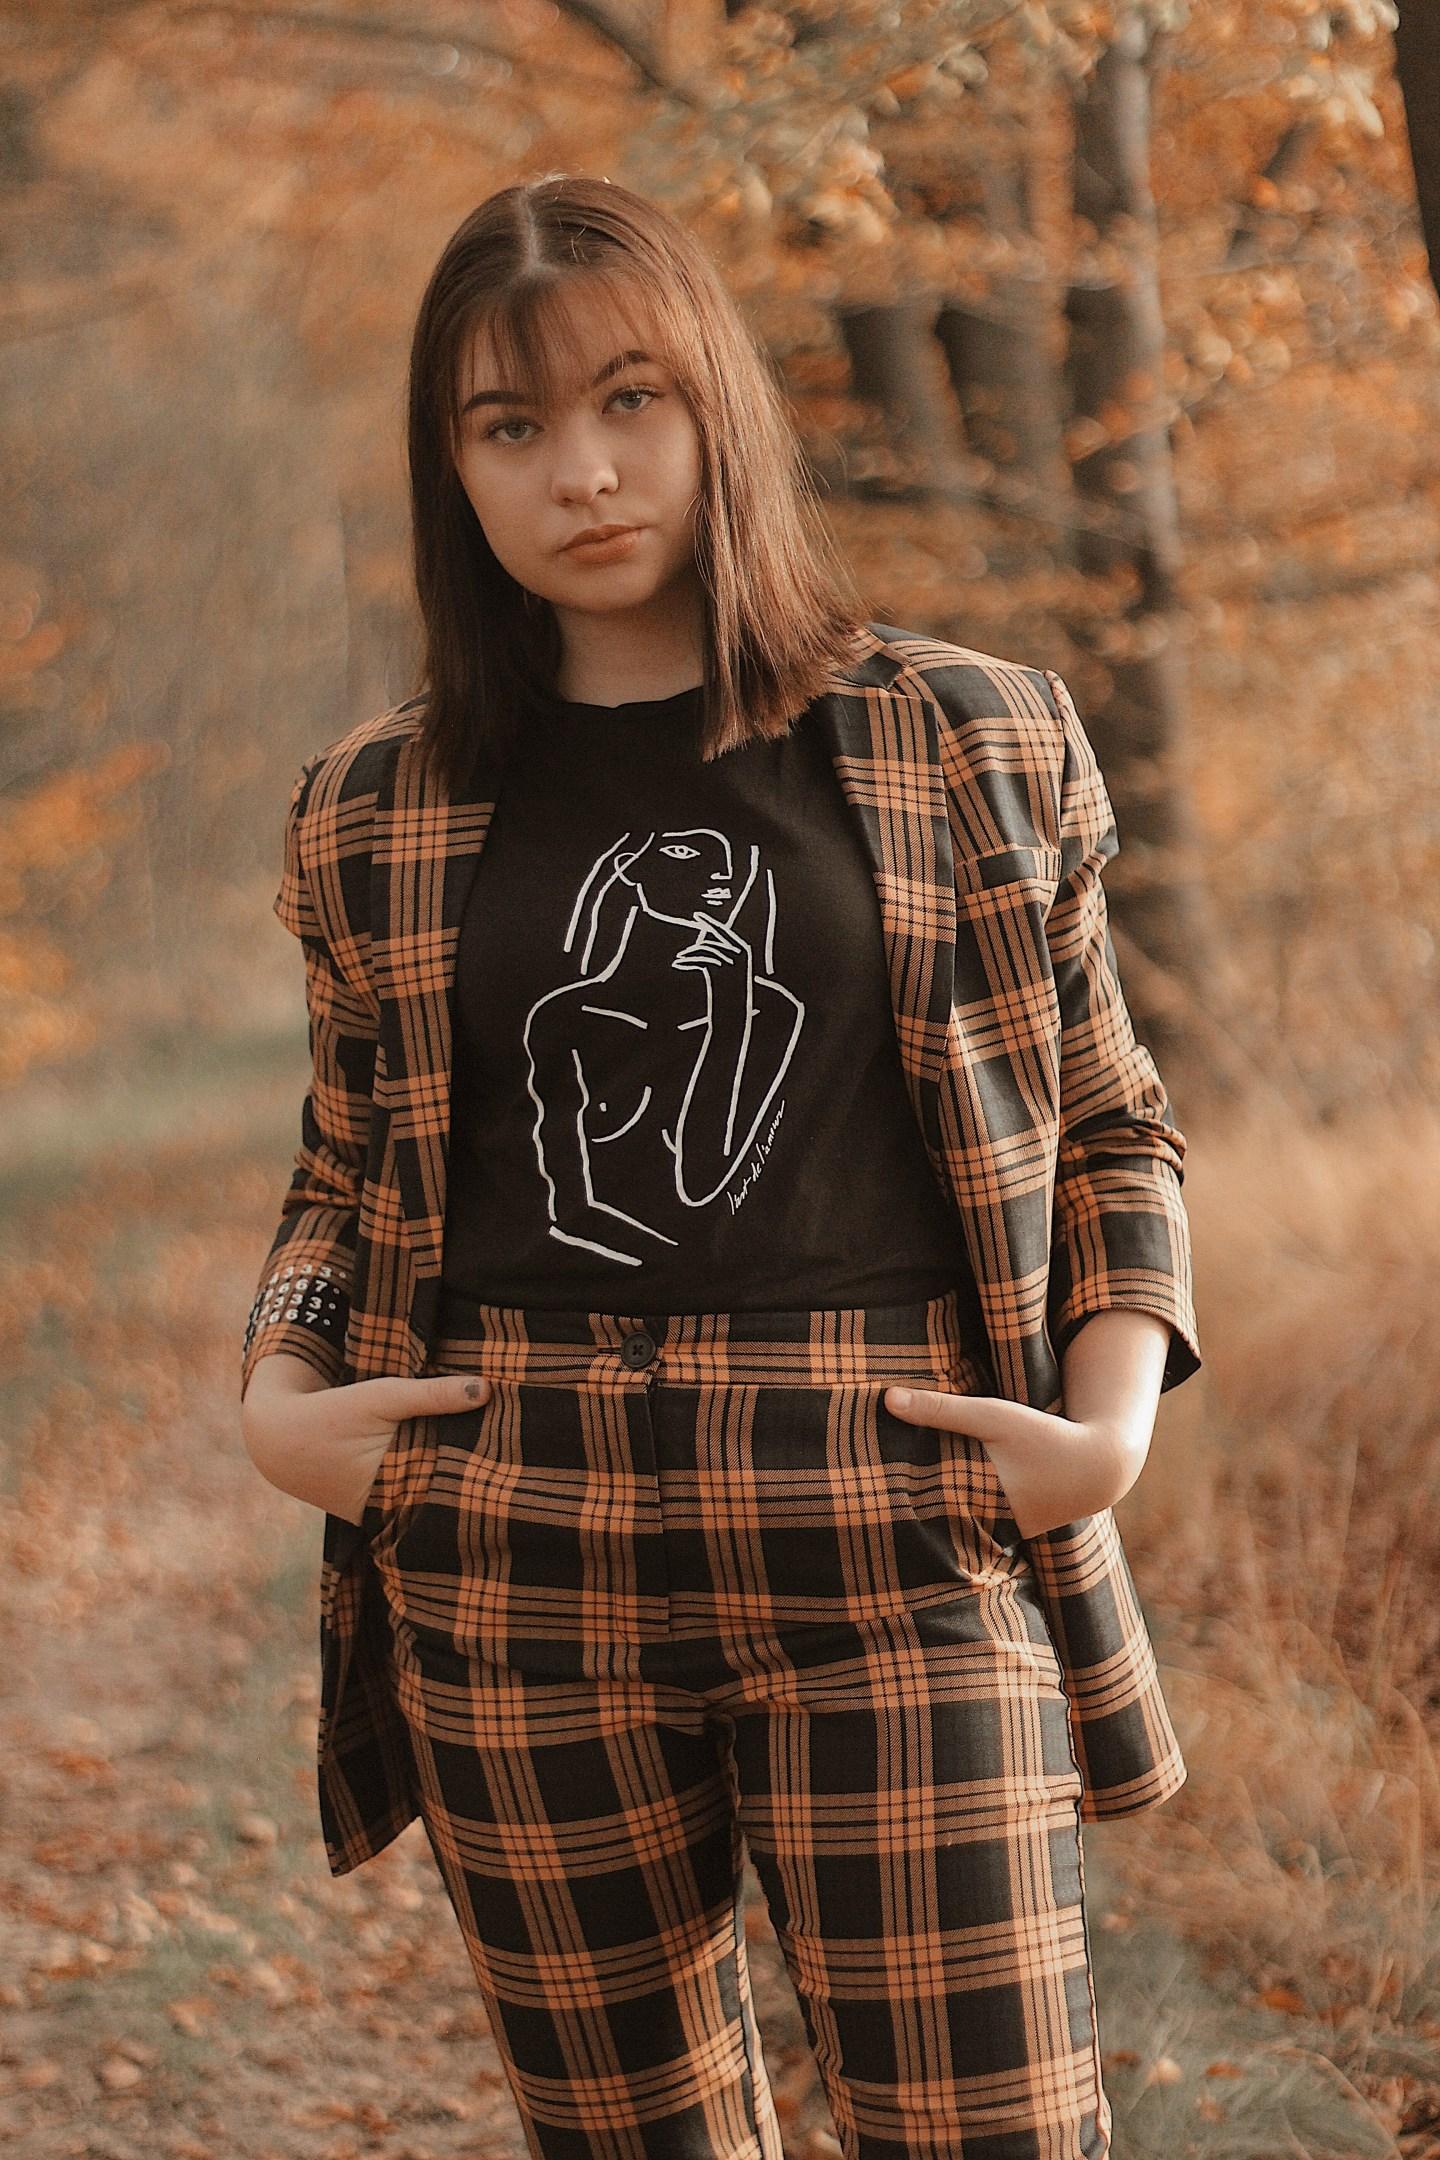 Suit: Foto van meisje met het tweedelige pak aan met handen in de zakken